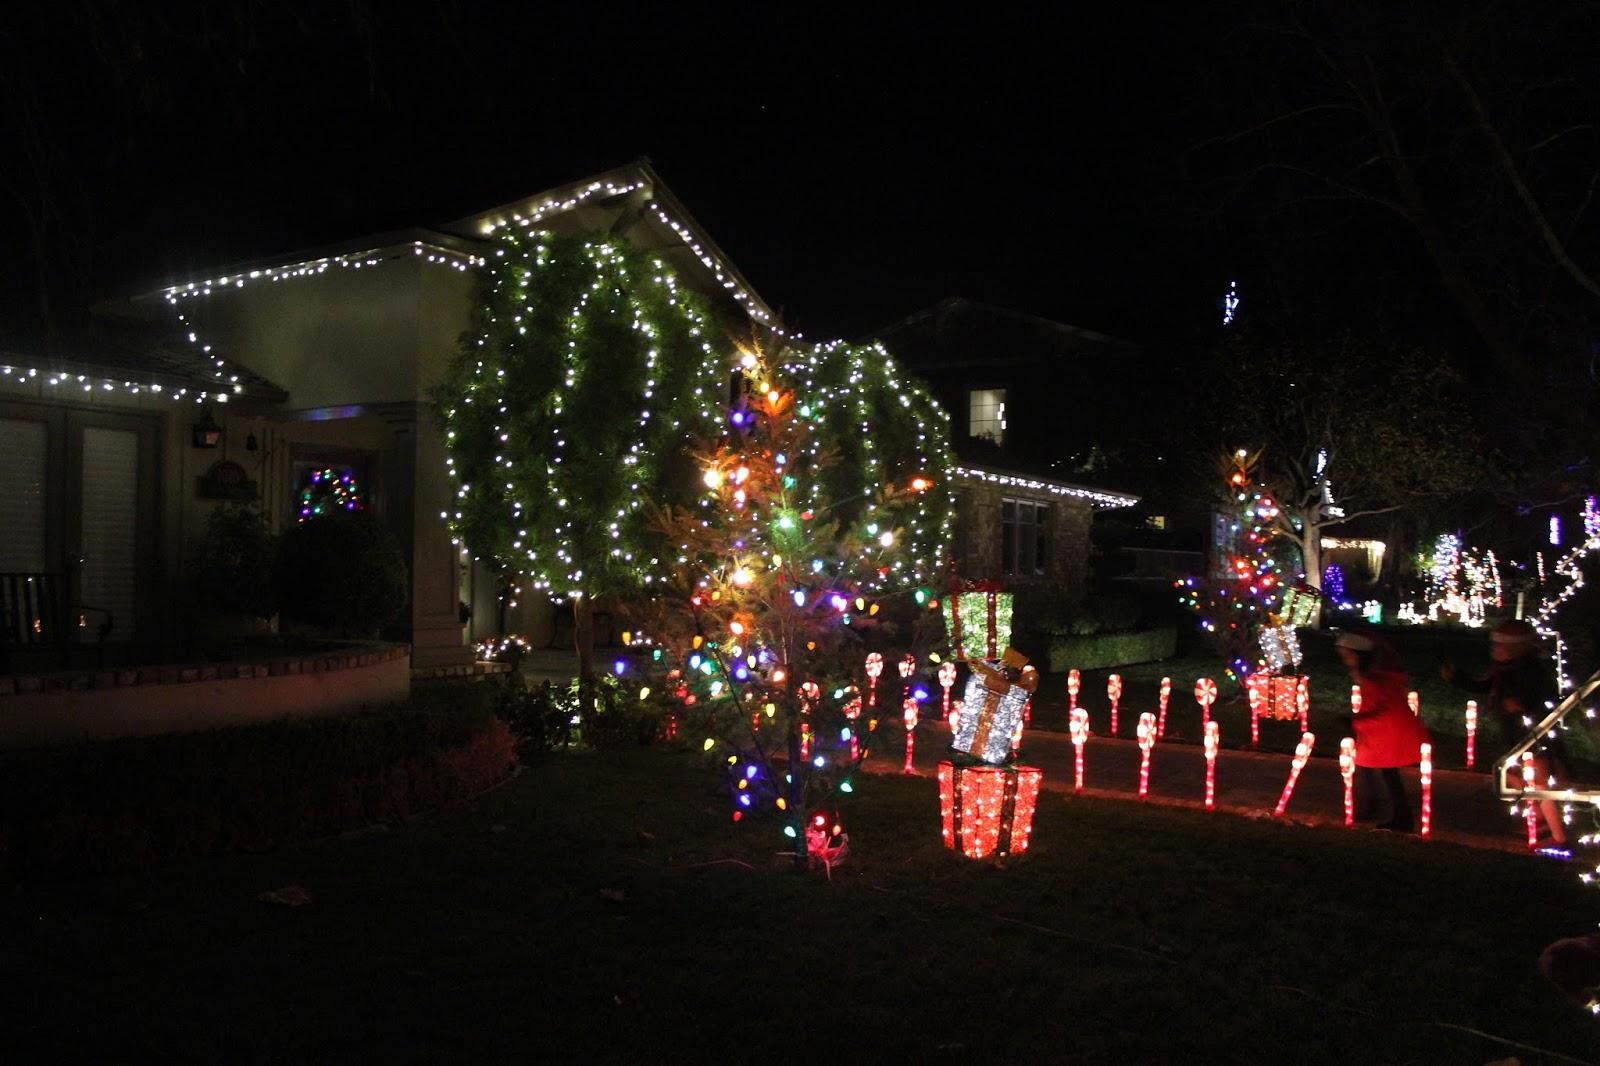 #A84D23 Les Tribulations D'une Famille Française En Californie  5329 décorations de noel aux etats unis 1600x1066 px @ aertt.com